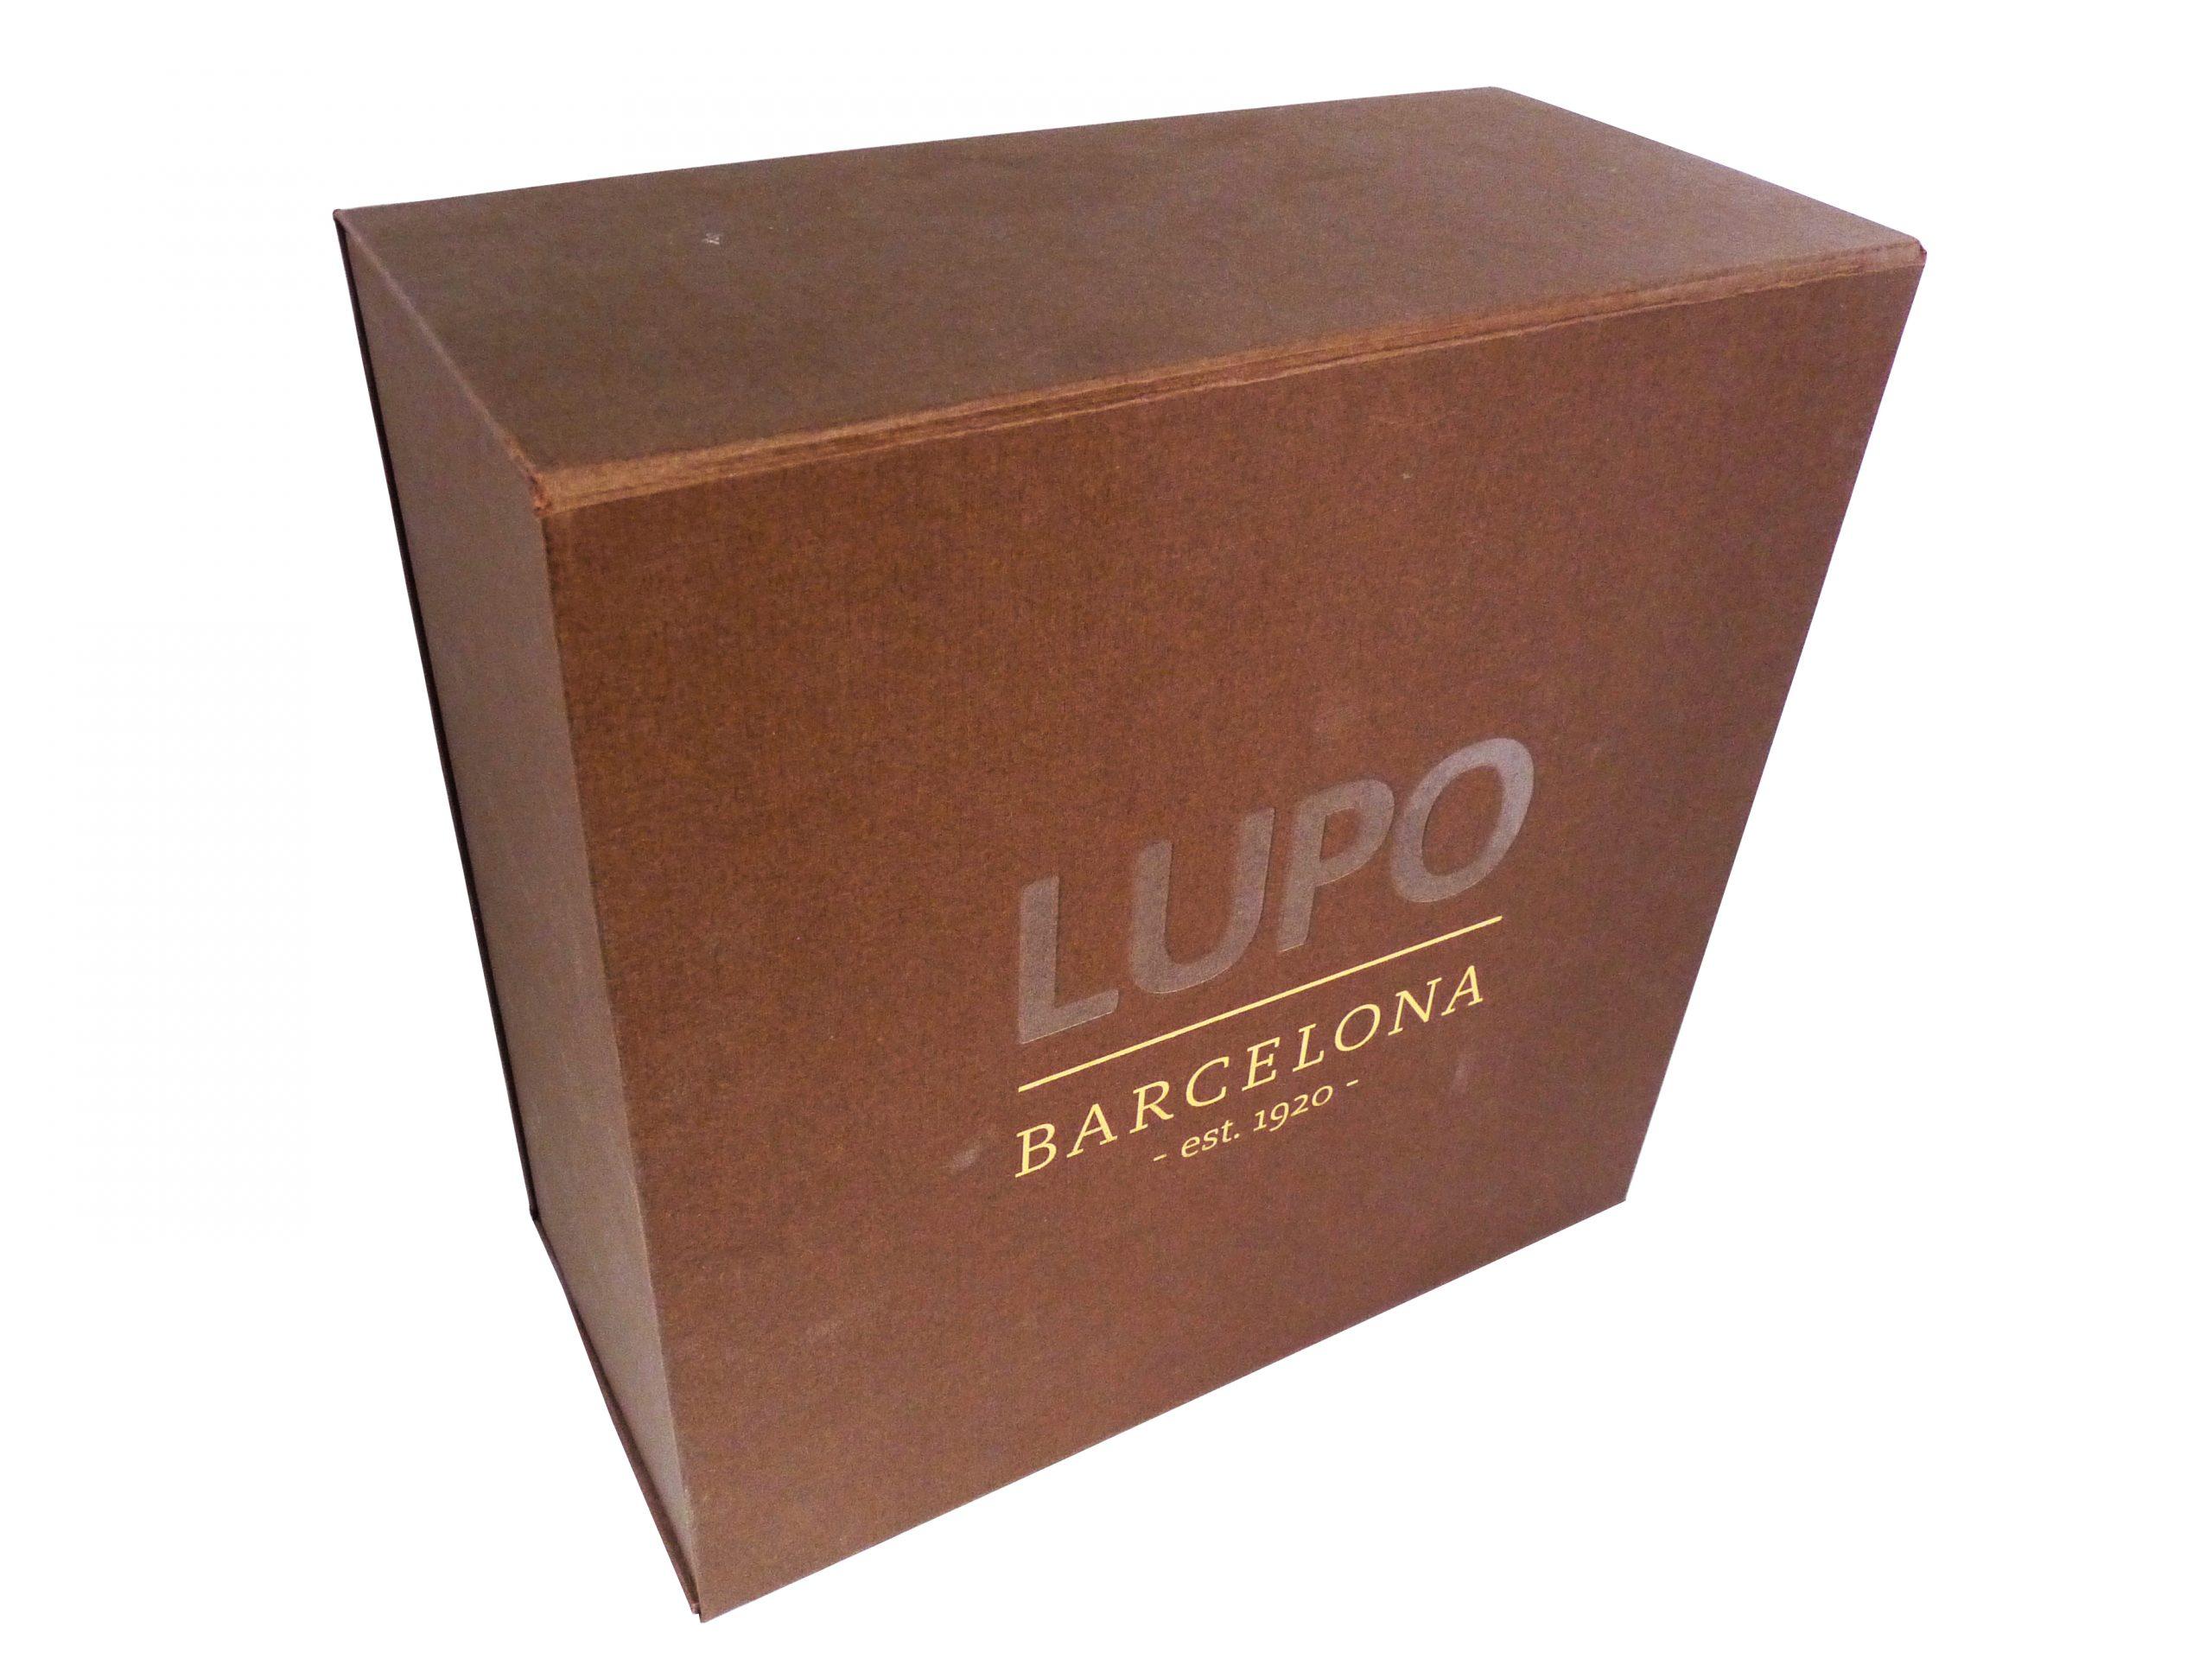 caja forrada - Caja Lupo